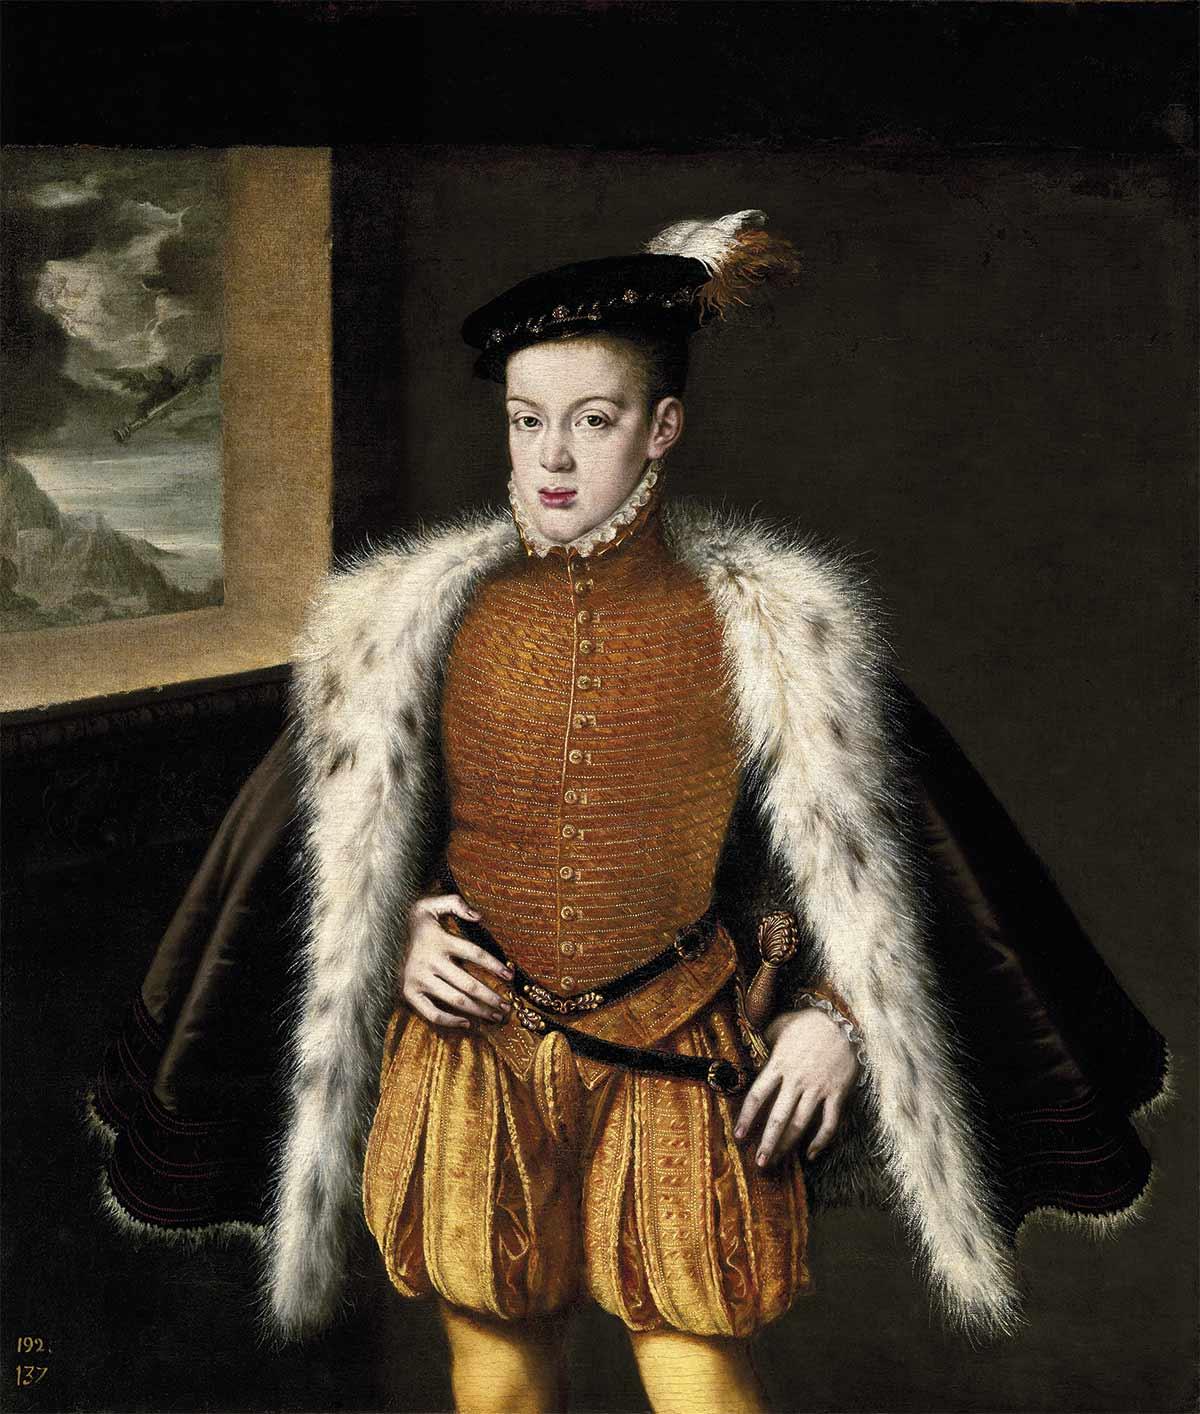 El príncipe Don Carlos, la tragedia del hijo de Felipe II